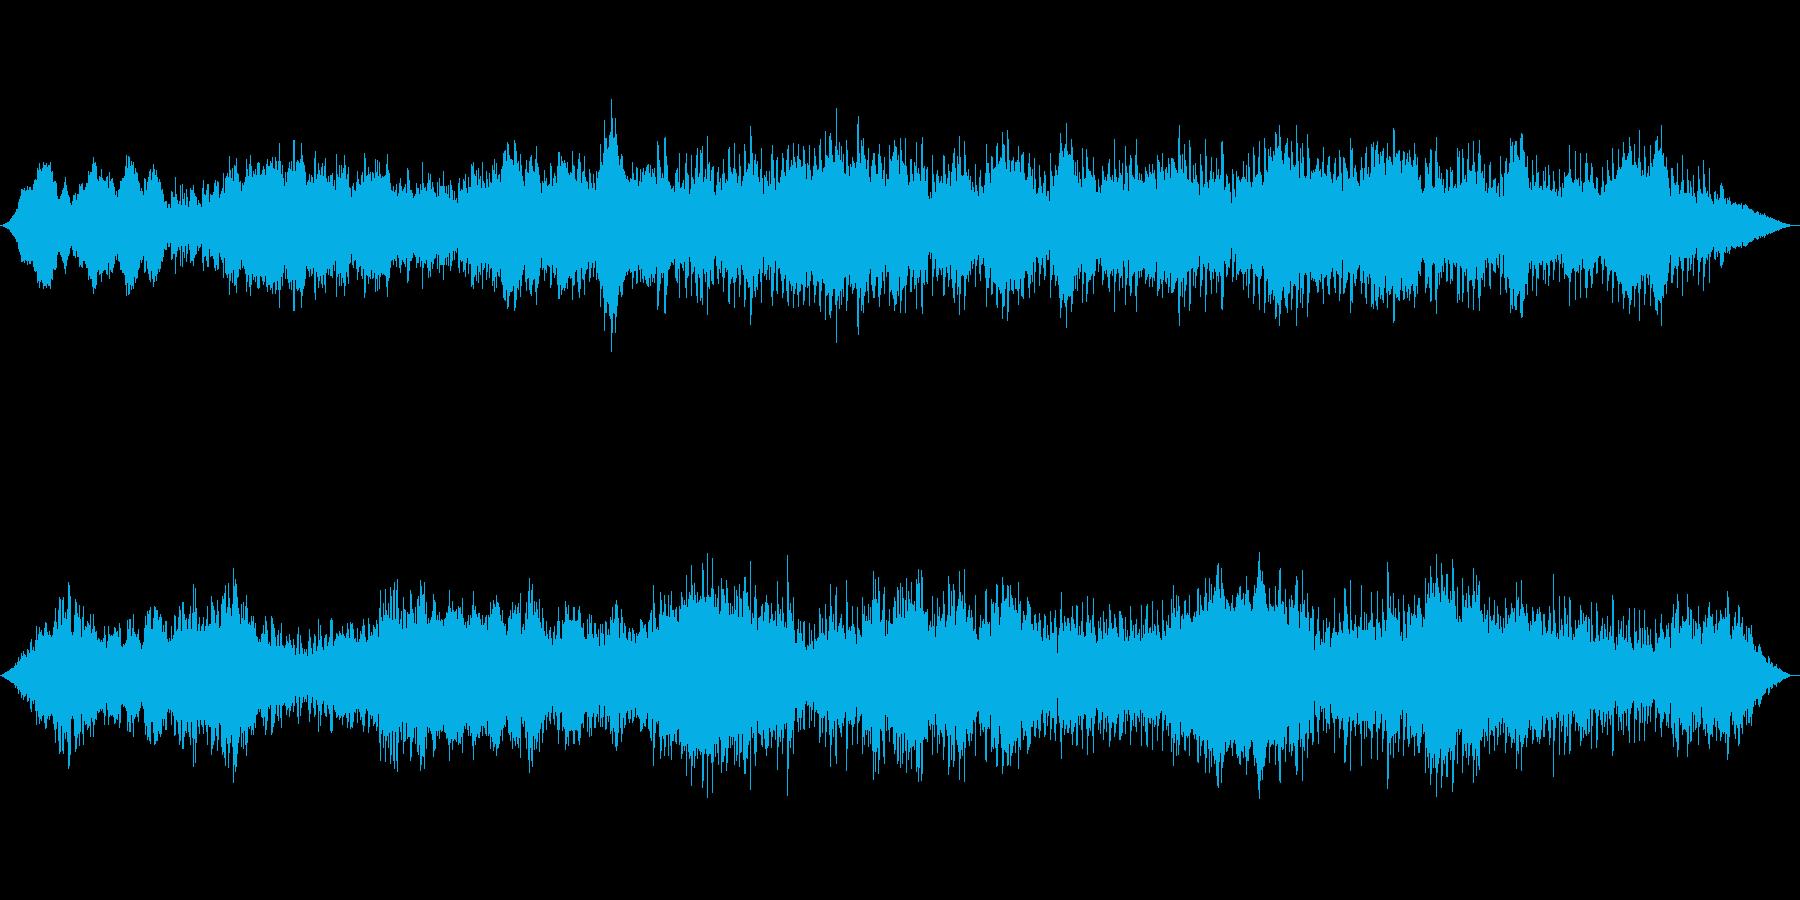 アンビエント環境音楽ヒーリング-01の再生済みの波形